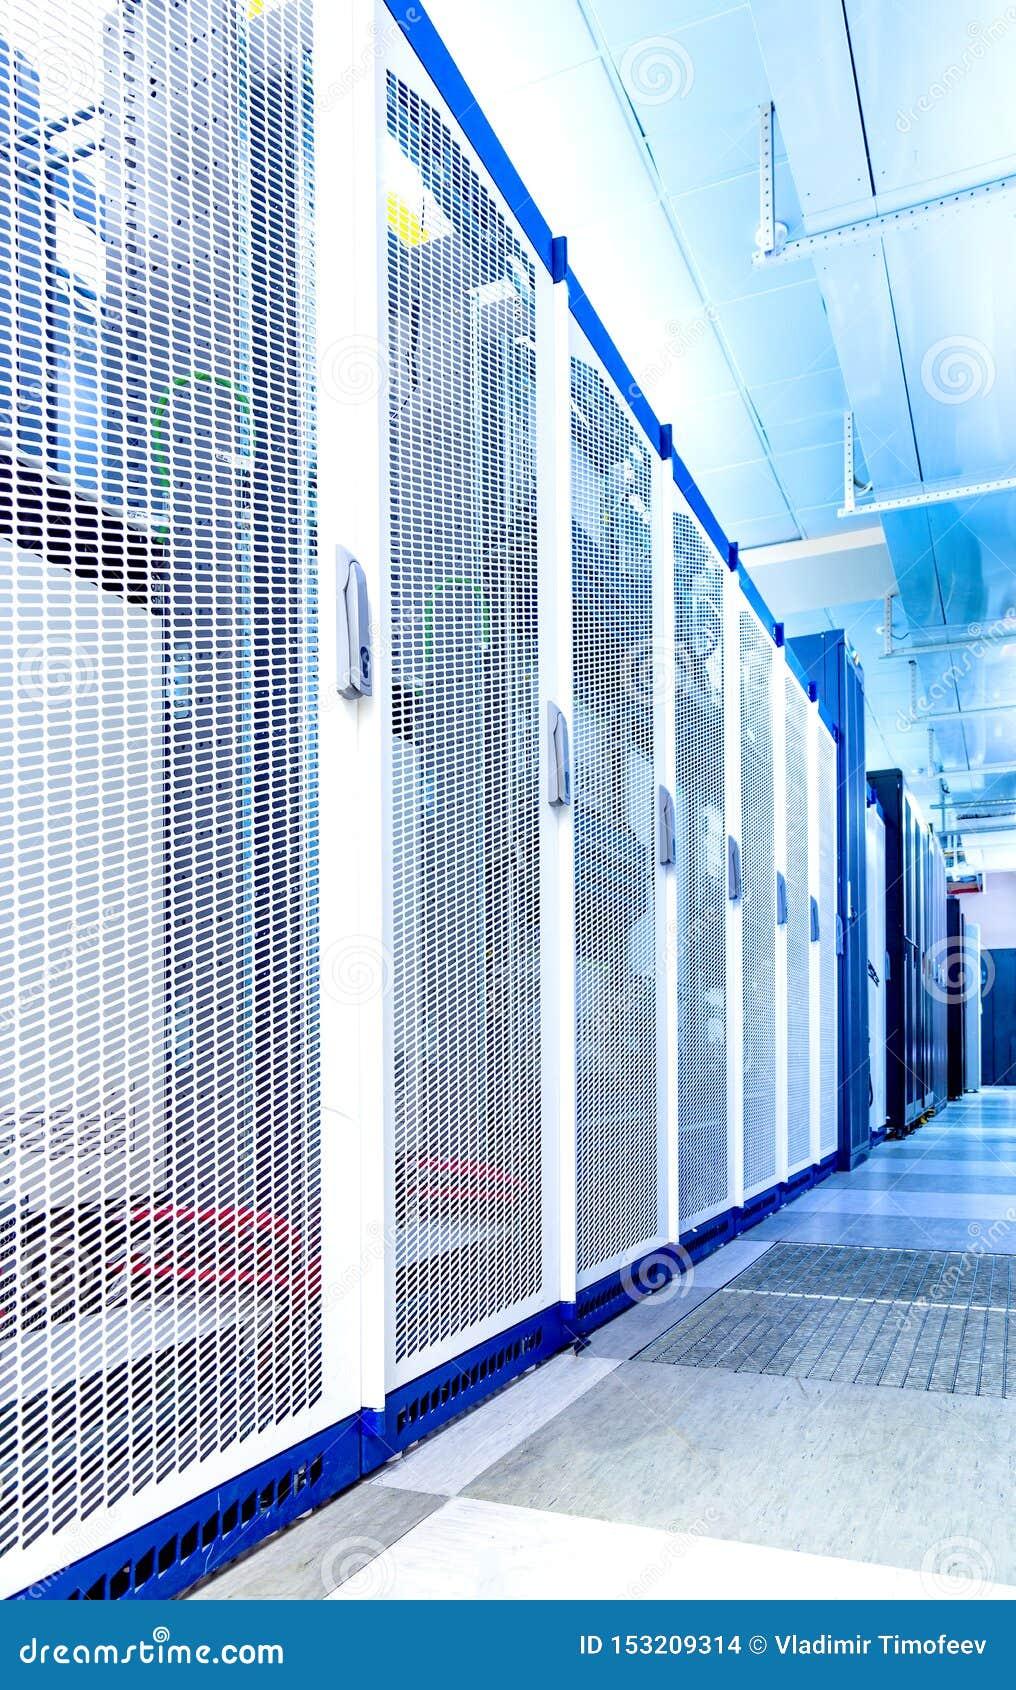 Het materiaal voor cellulaire mededeling in datacentrum, rijen van heldere kabinettencentrale verwerkingseenheden op lange termij